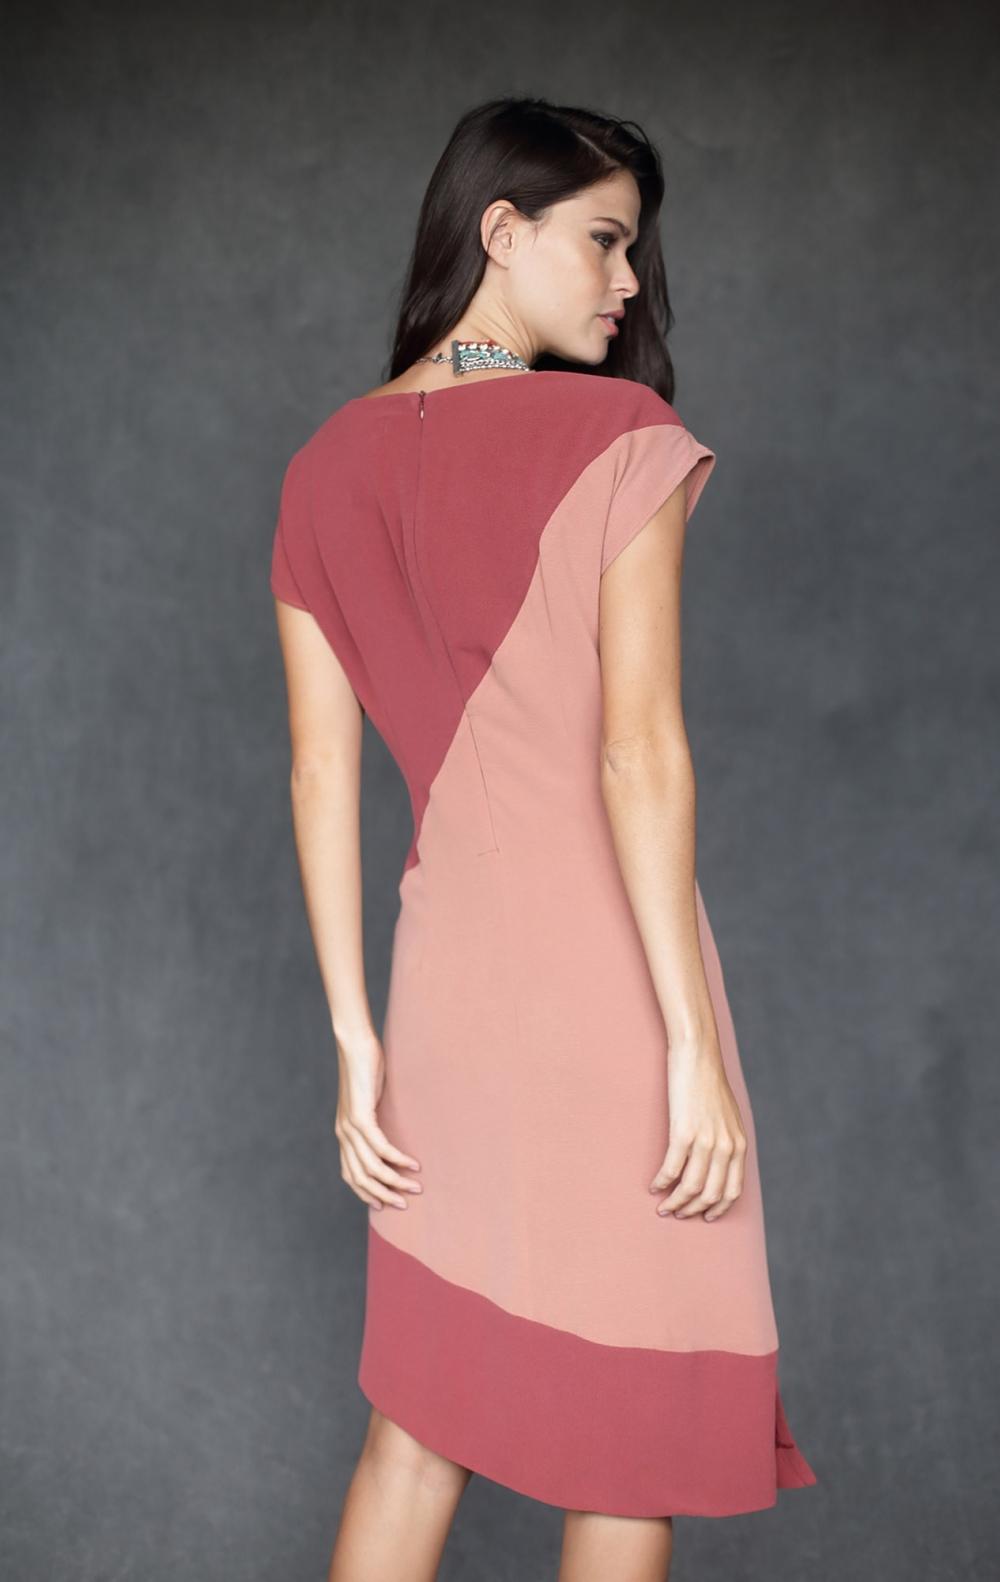 Vestido Claudel Rosa  - Foto 2